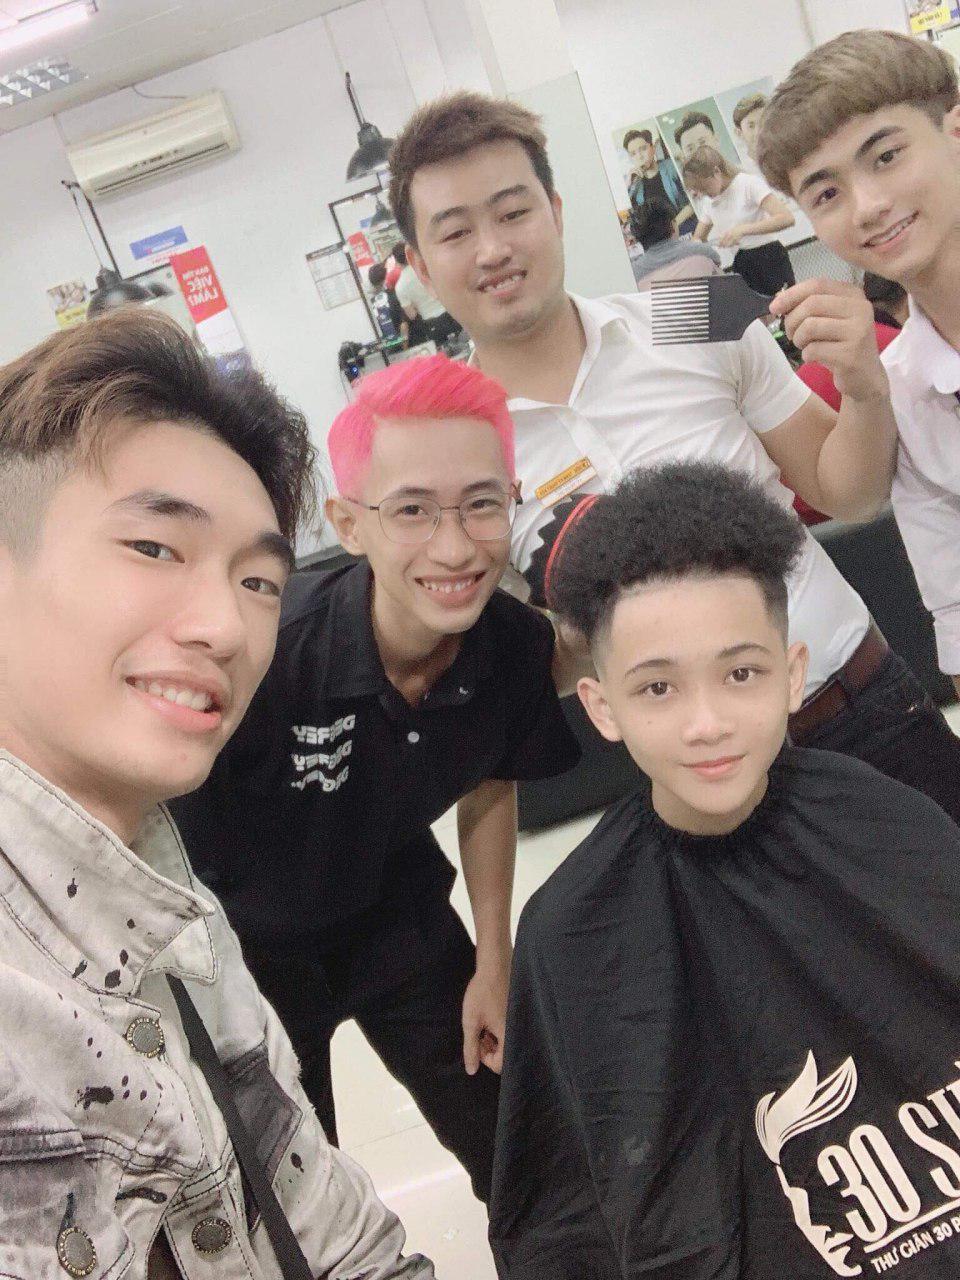 Cận cảnh quá trình tạo ra kiểu đầu Premlock của Văn Thanh đang khiến các fan rần rần trên Facebook - Ảnh 12.